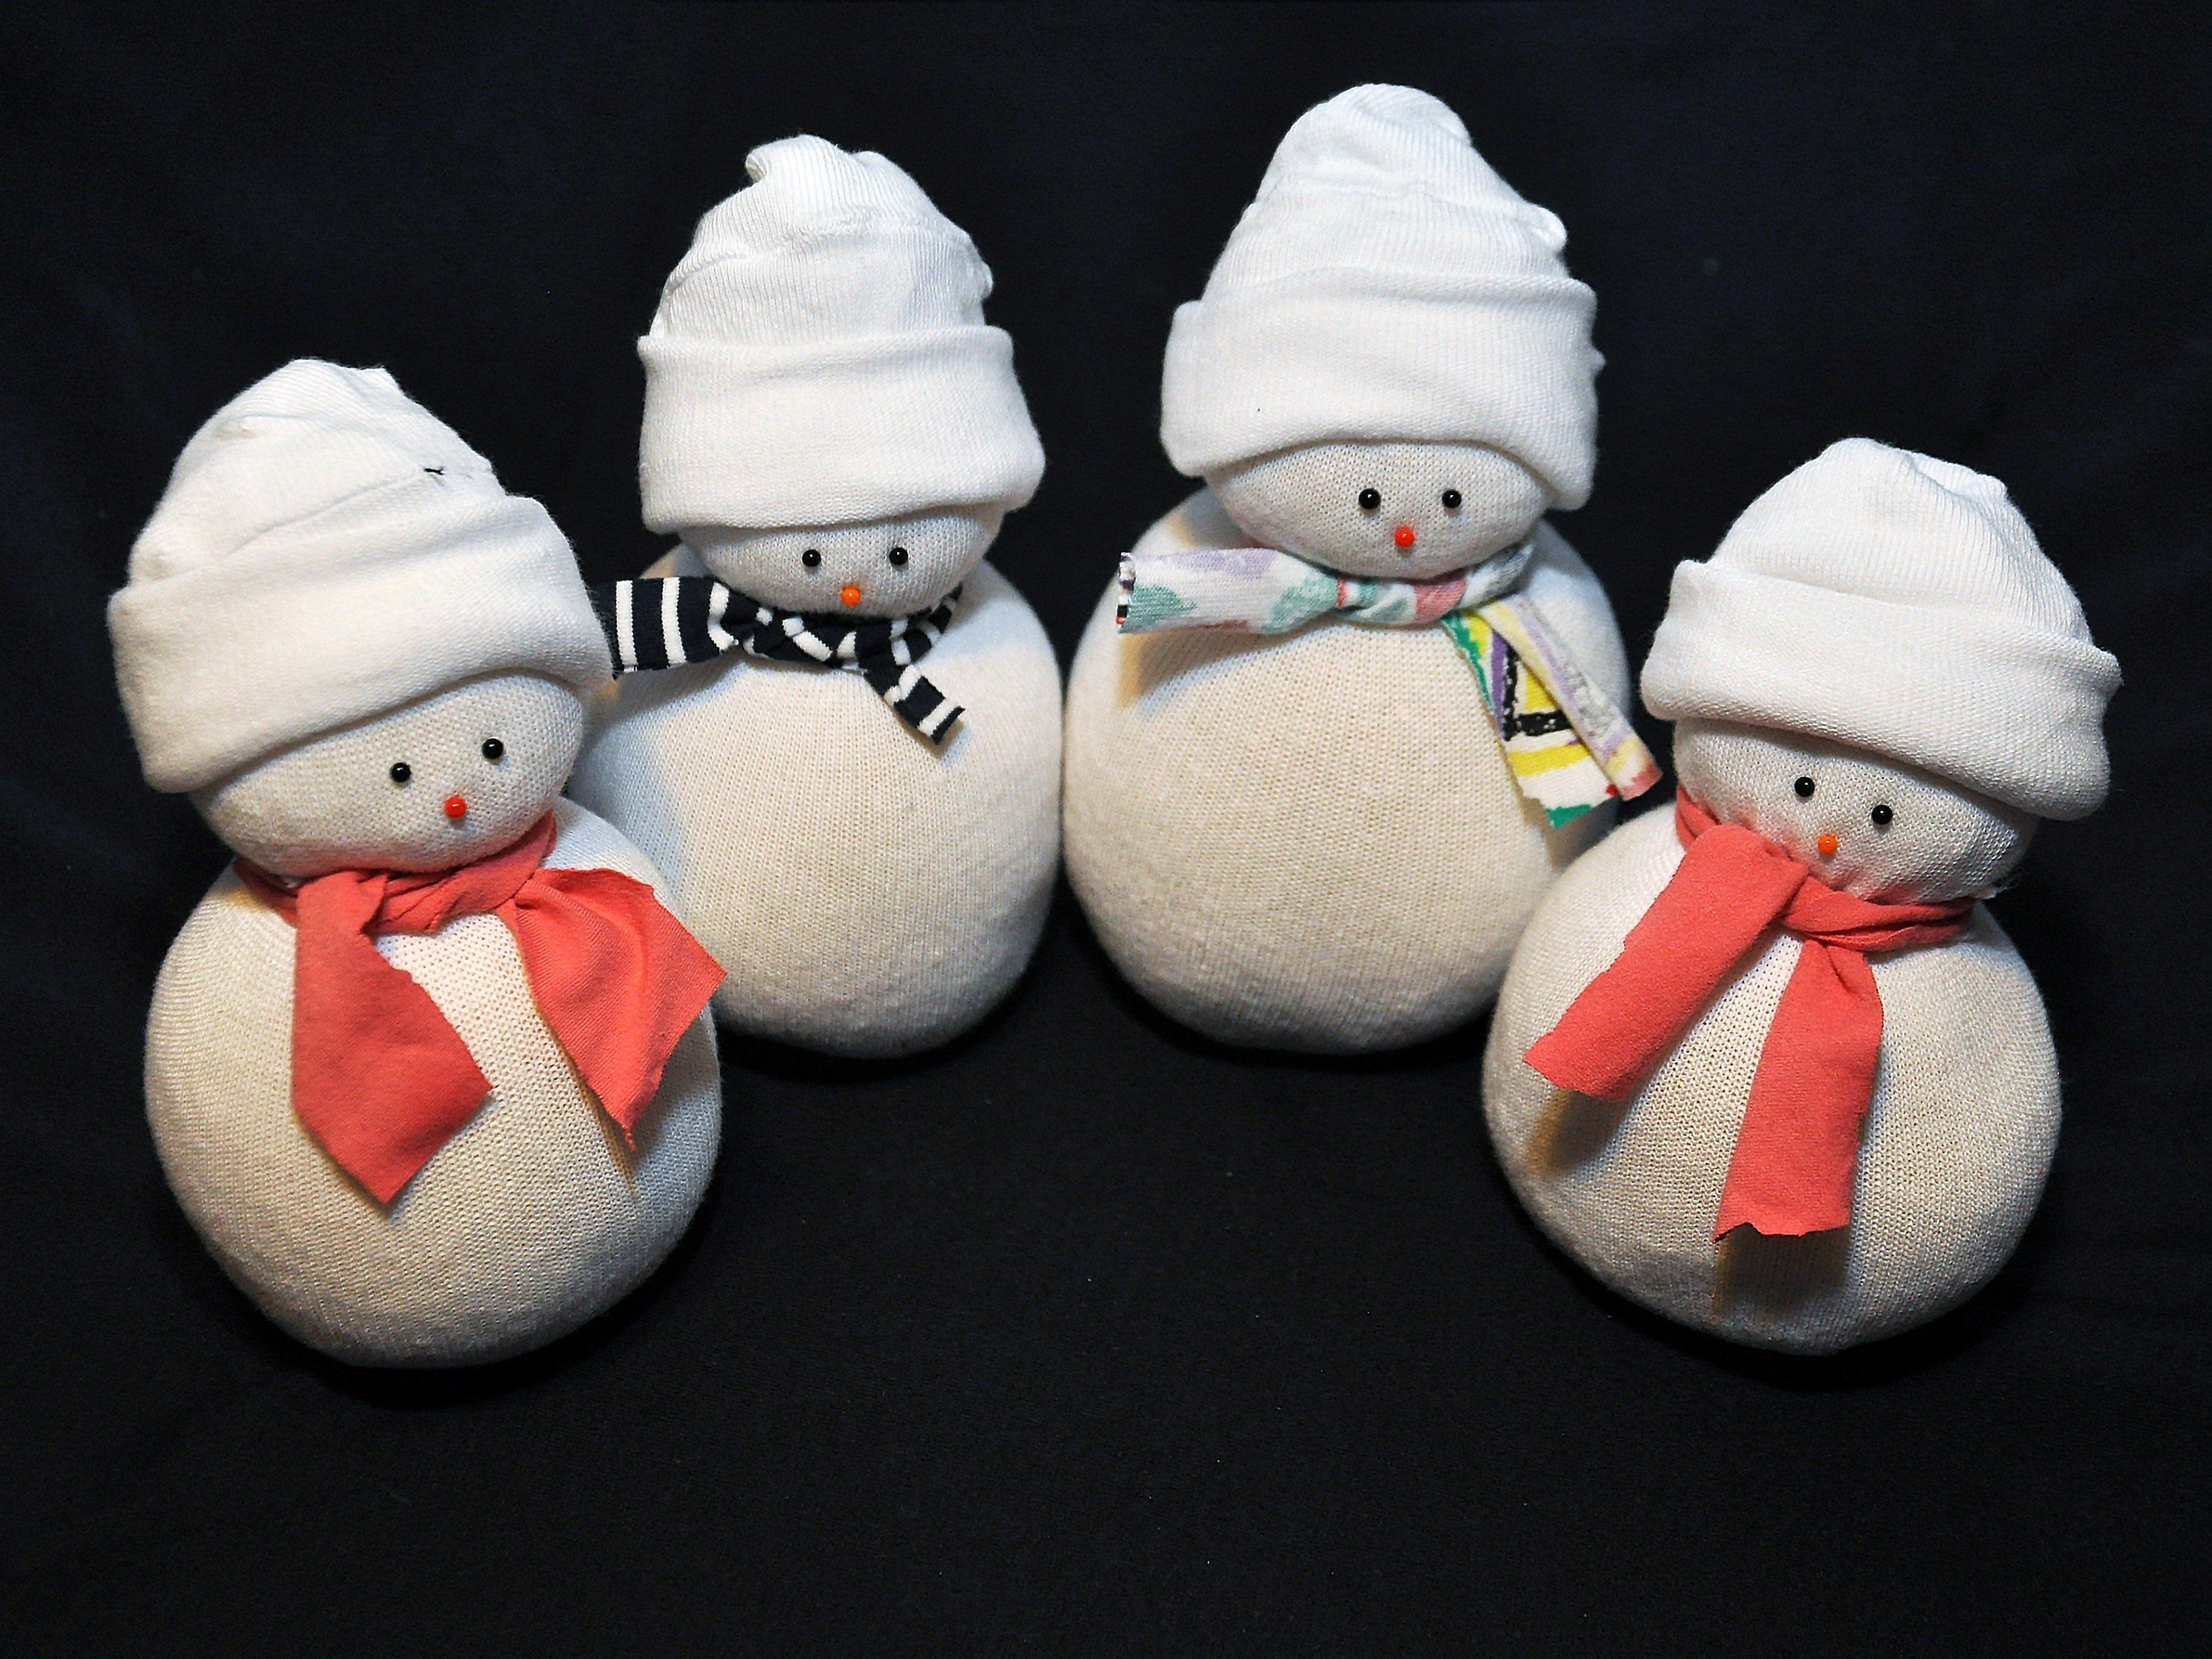 Der Socken-Schneemann ist eine super einfache und besonders charmante Bastelidee.